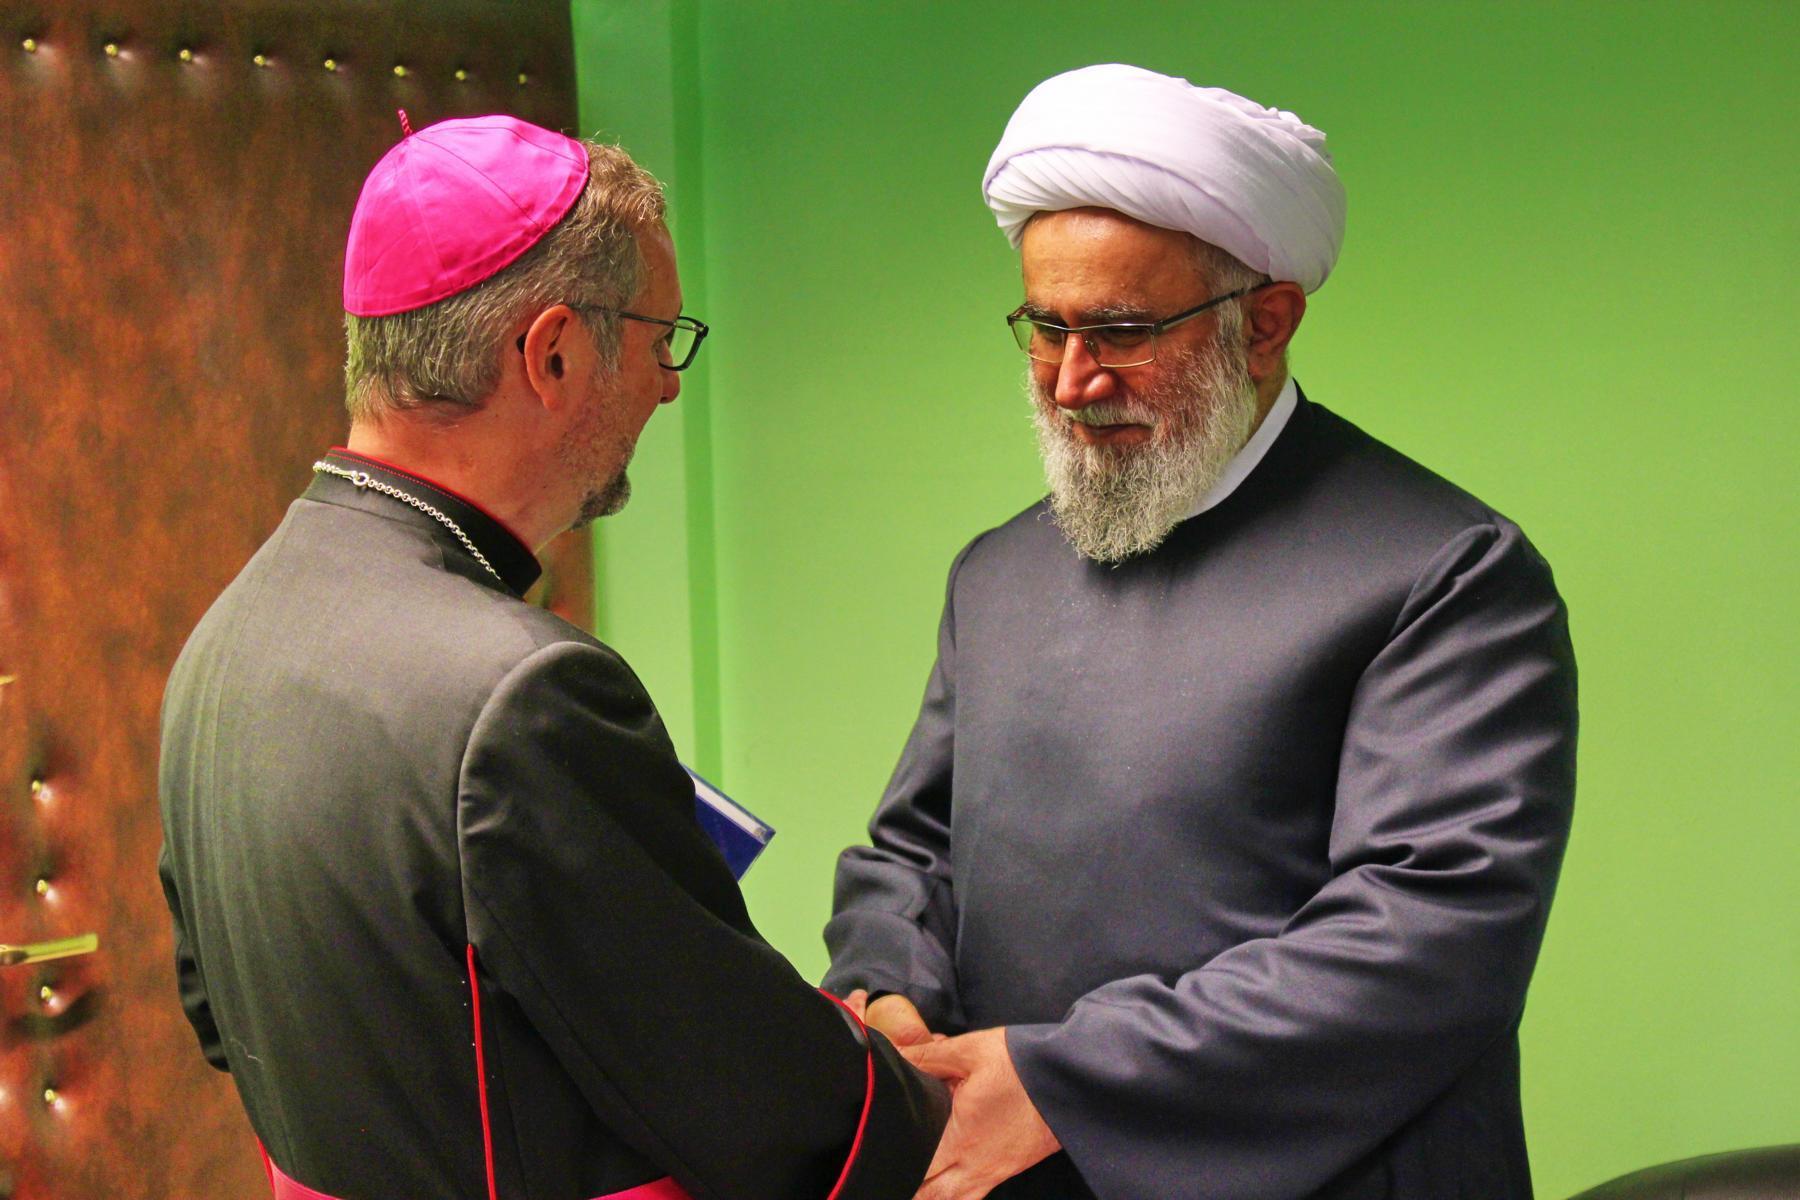 اسقف اعظم در مرکز اسلامی هامبورگ + عکس